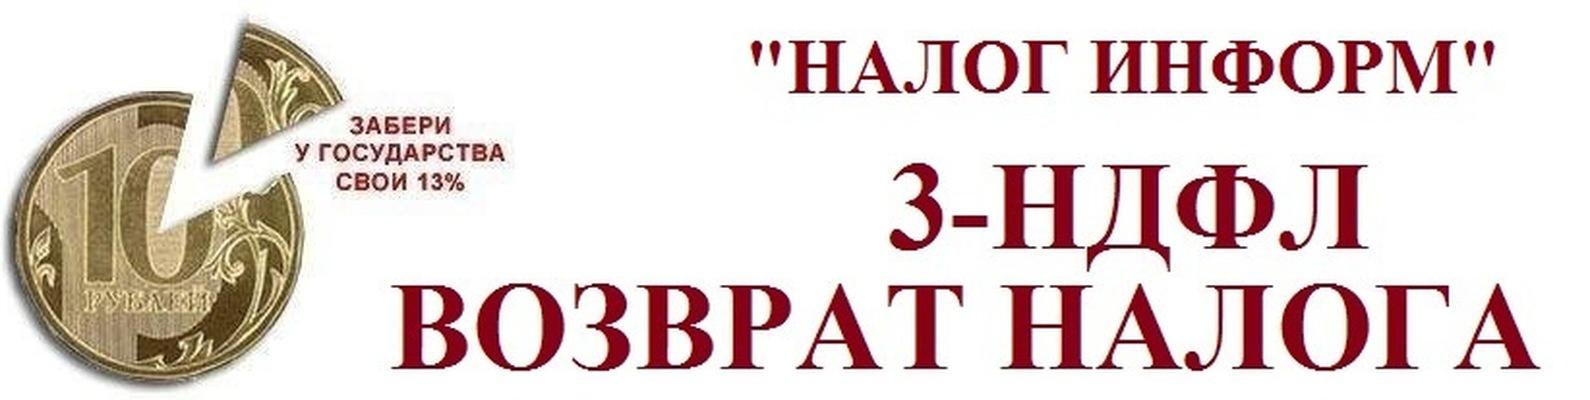 Заполнить декларацию 3 ндфл тольятти центральный район документы для регистрации юридического ооо